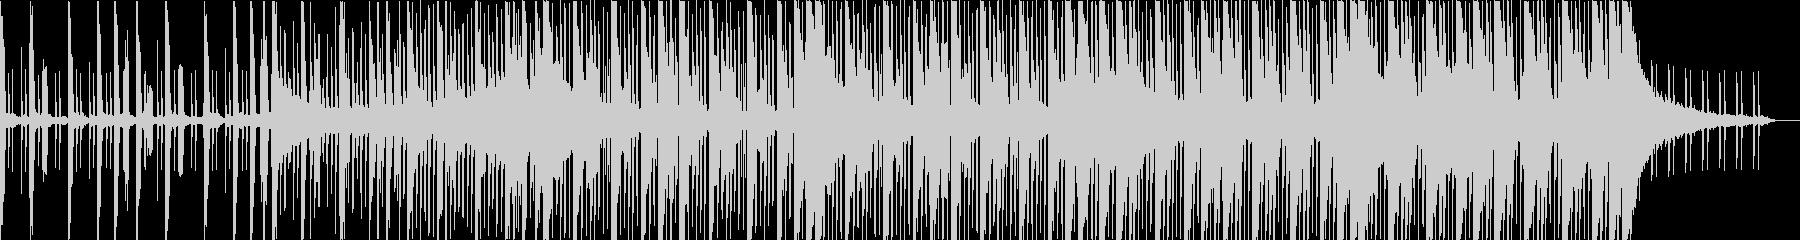 みずみずしいフューチャーエレクトロニカの未再生の波形